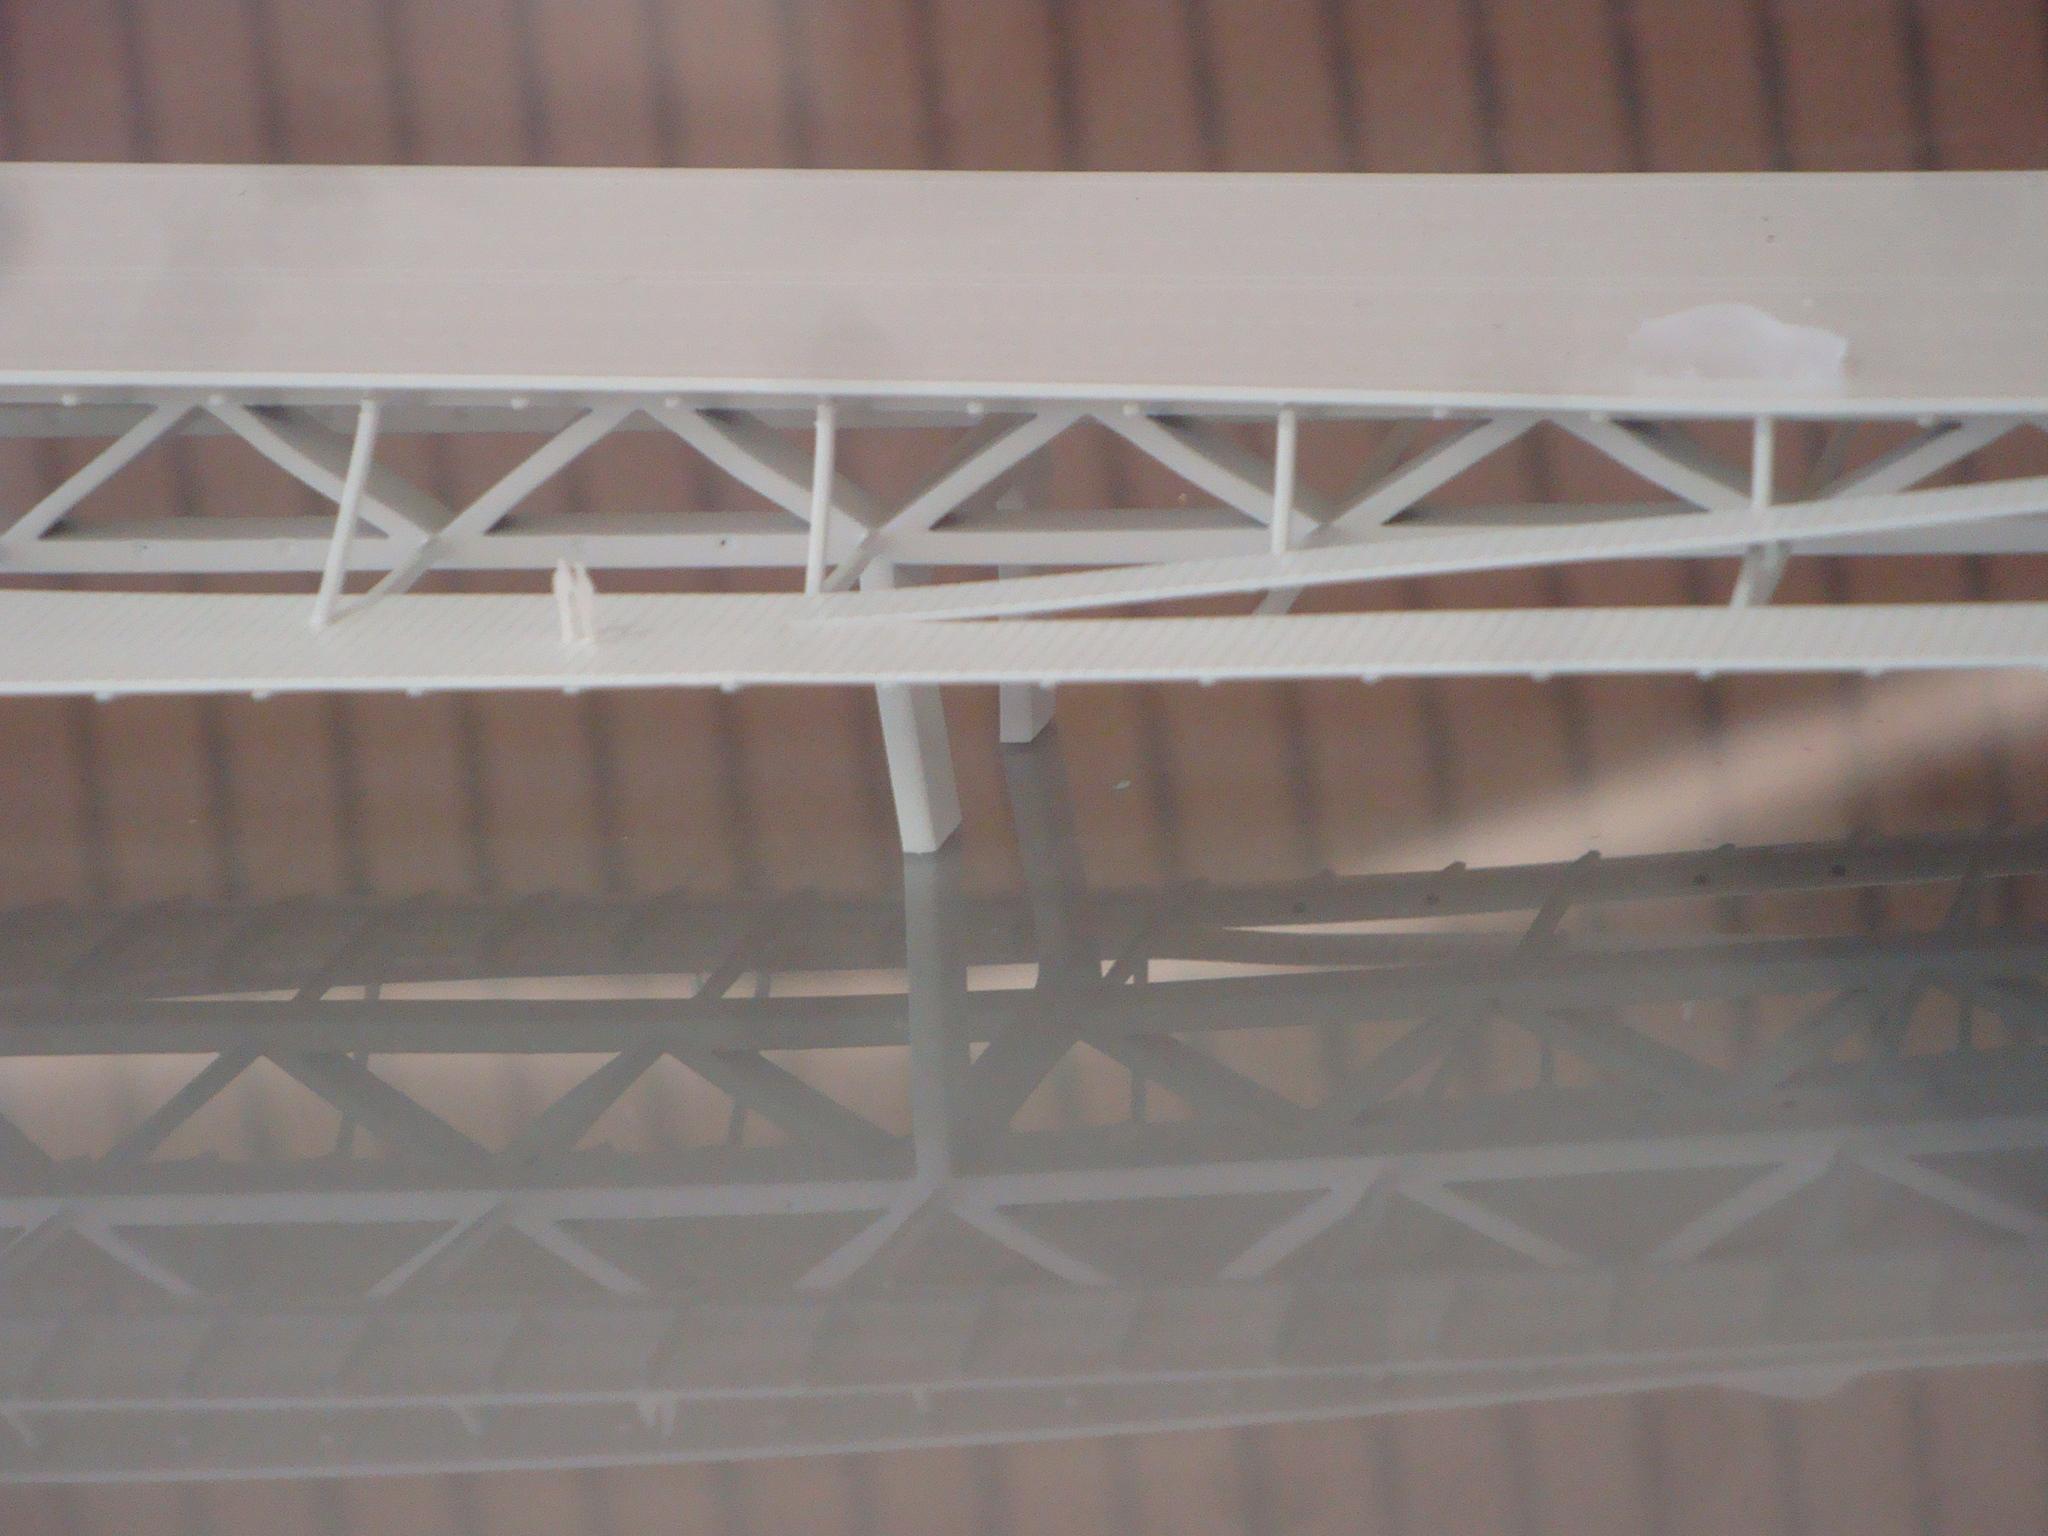 maquettes pont JJ bosc 19 juin 2013 064